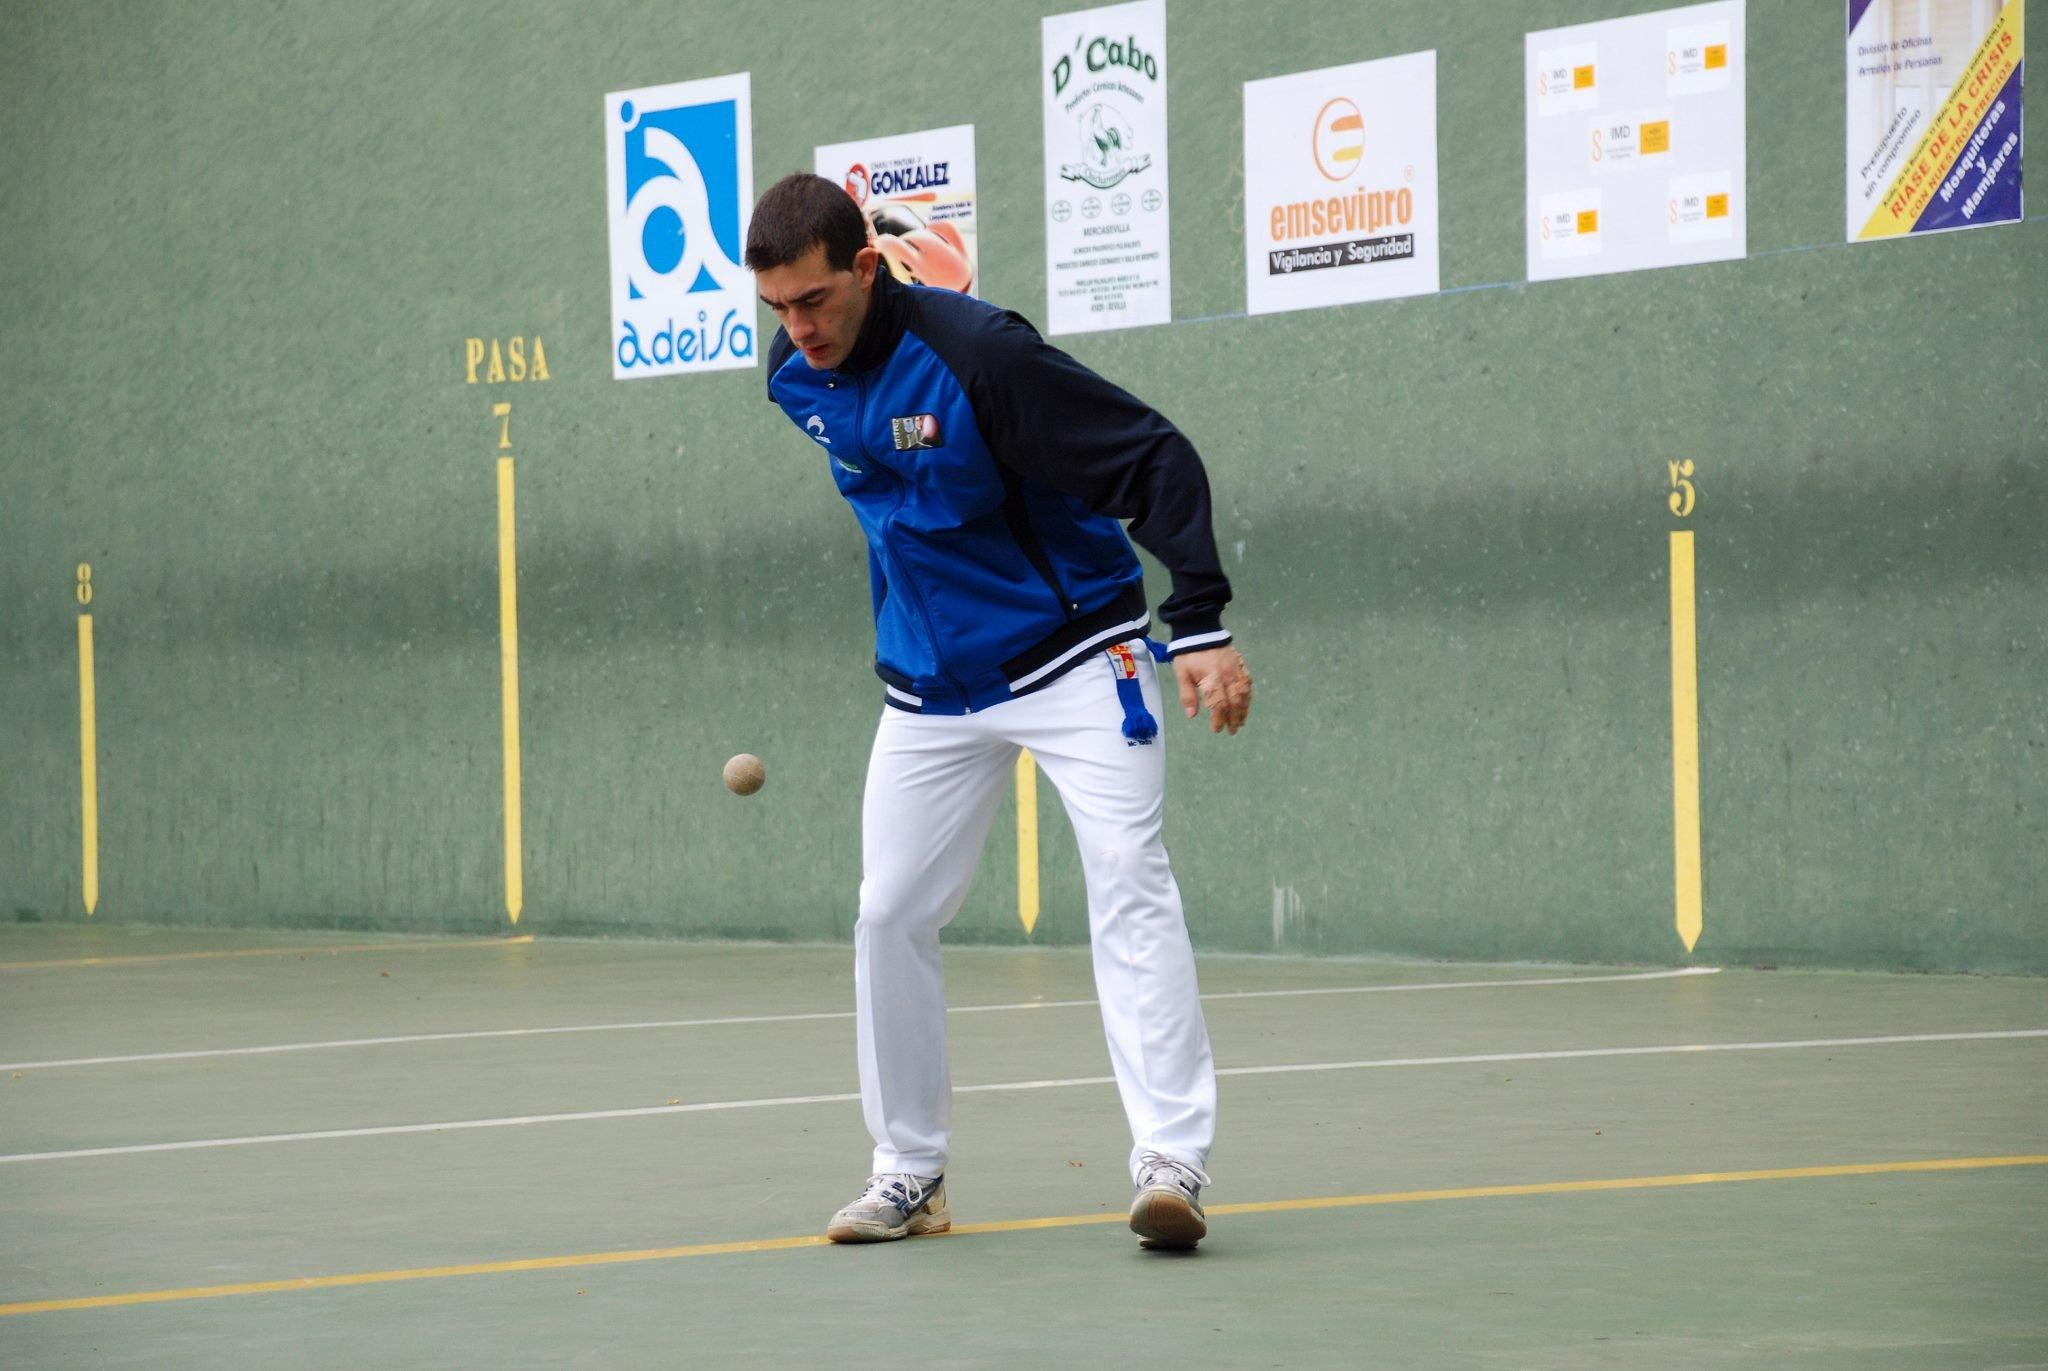 El Club de Pelota Urbión se estrena en el Campeonato de España en Colmenar Viejo